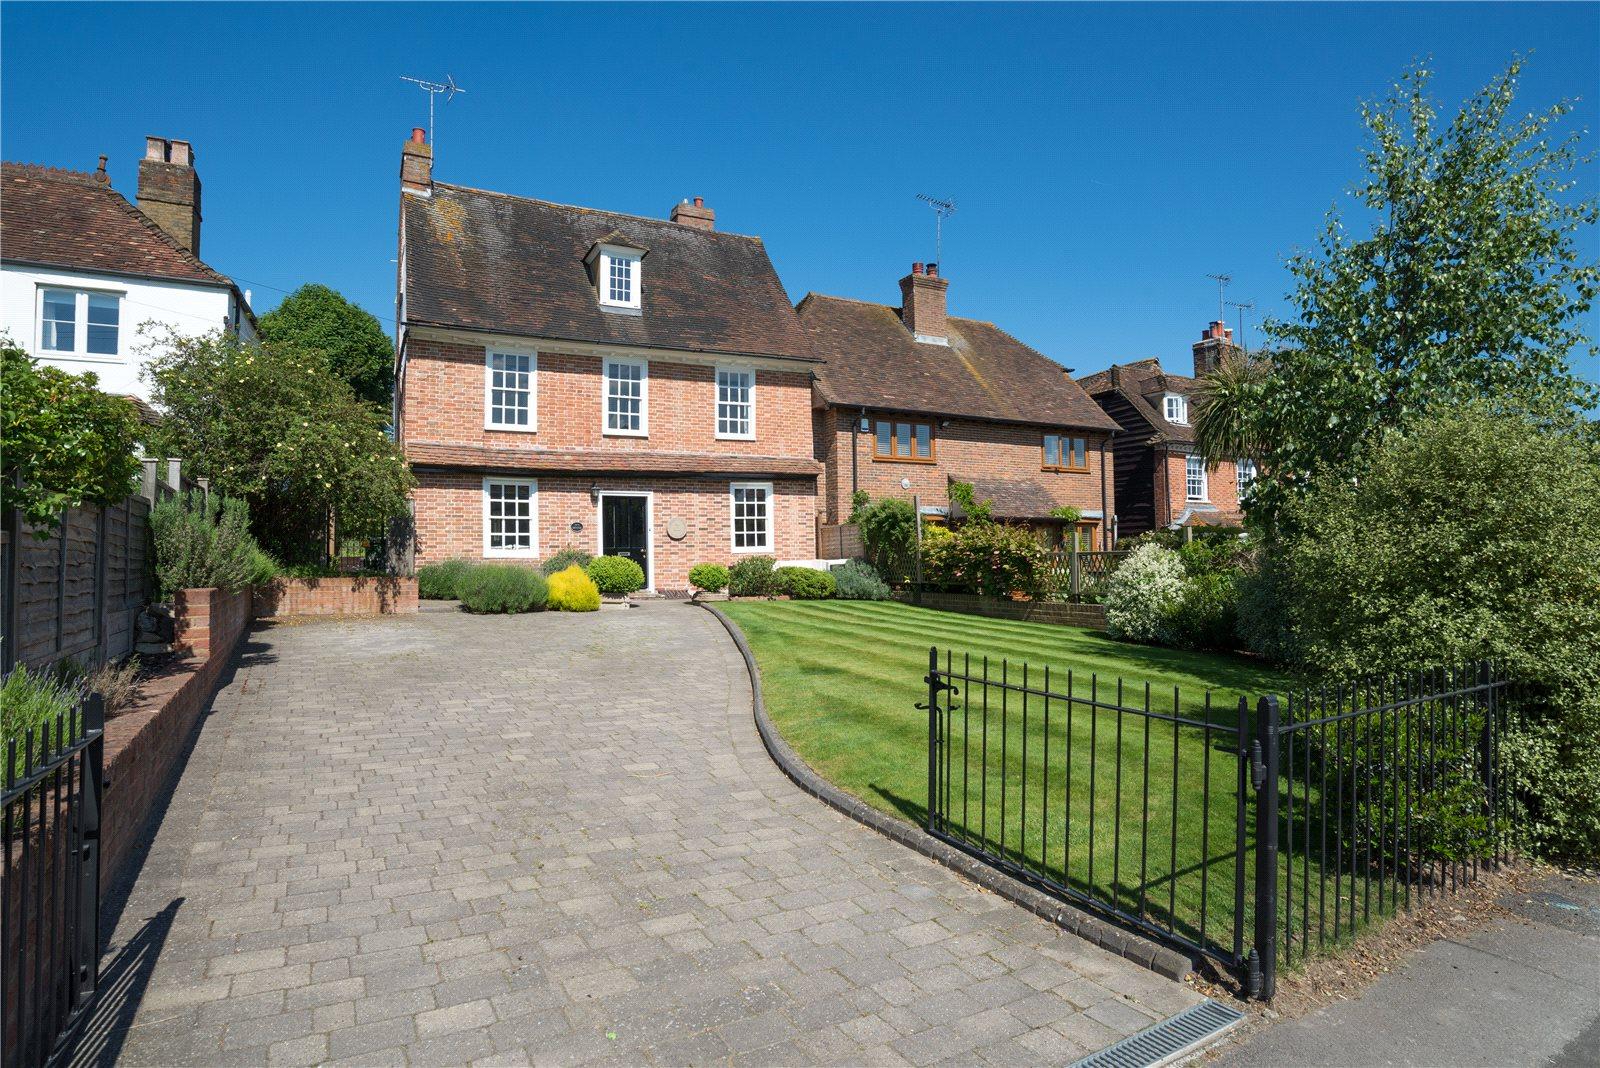 Moradia para Venda às The Green, Bearsted, Maidstone, Kent, ME14 Maidstone, Inglaterra